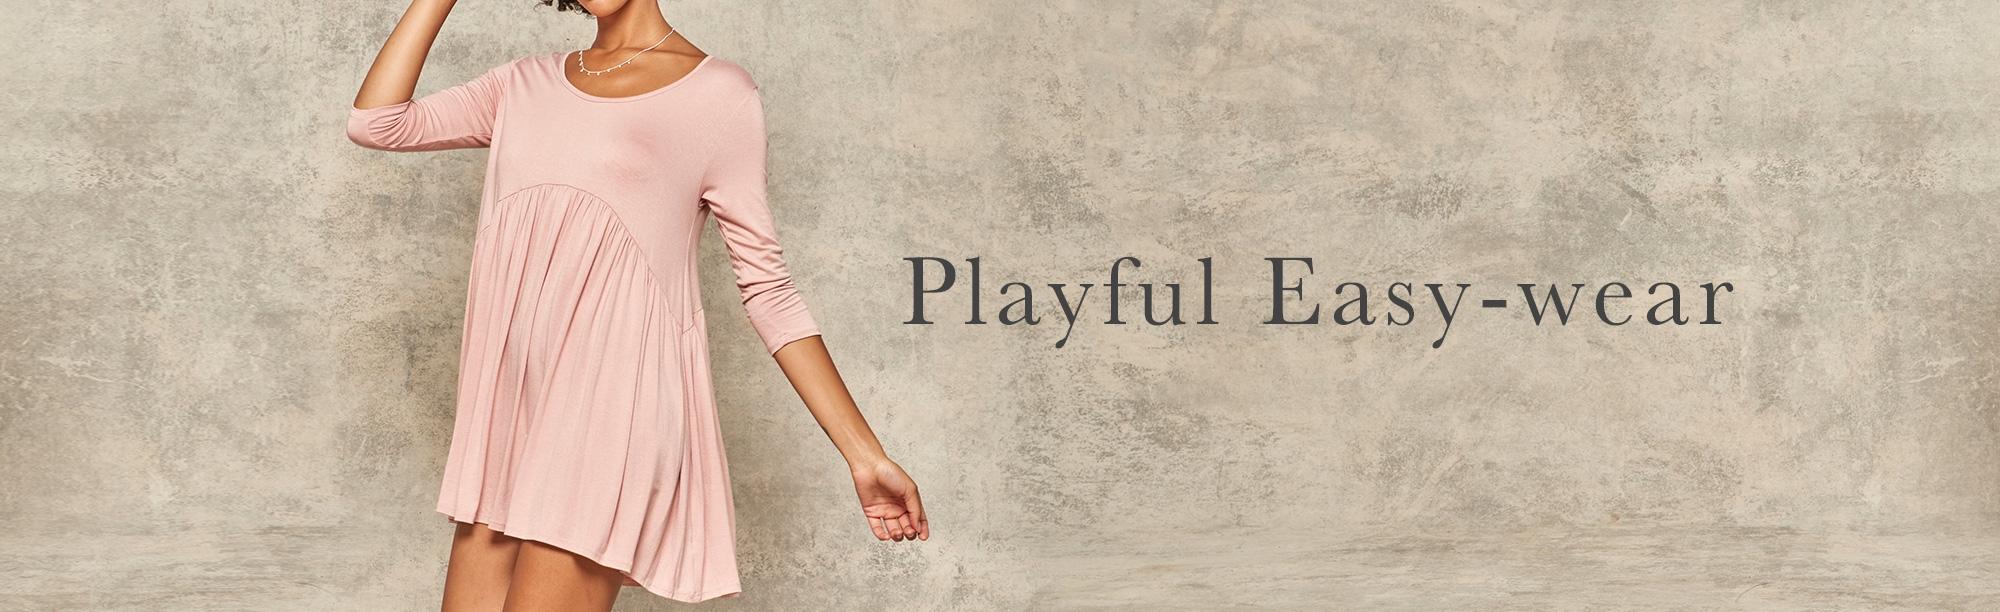 Playful Easy-wear